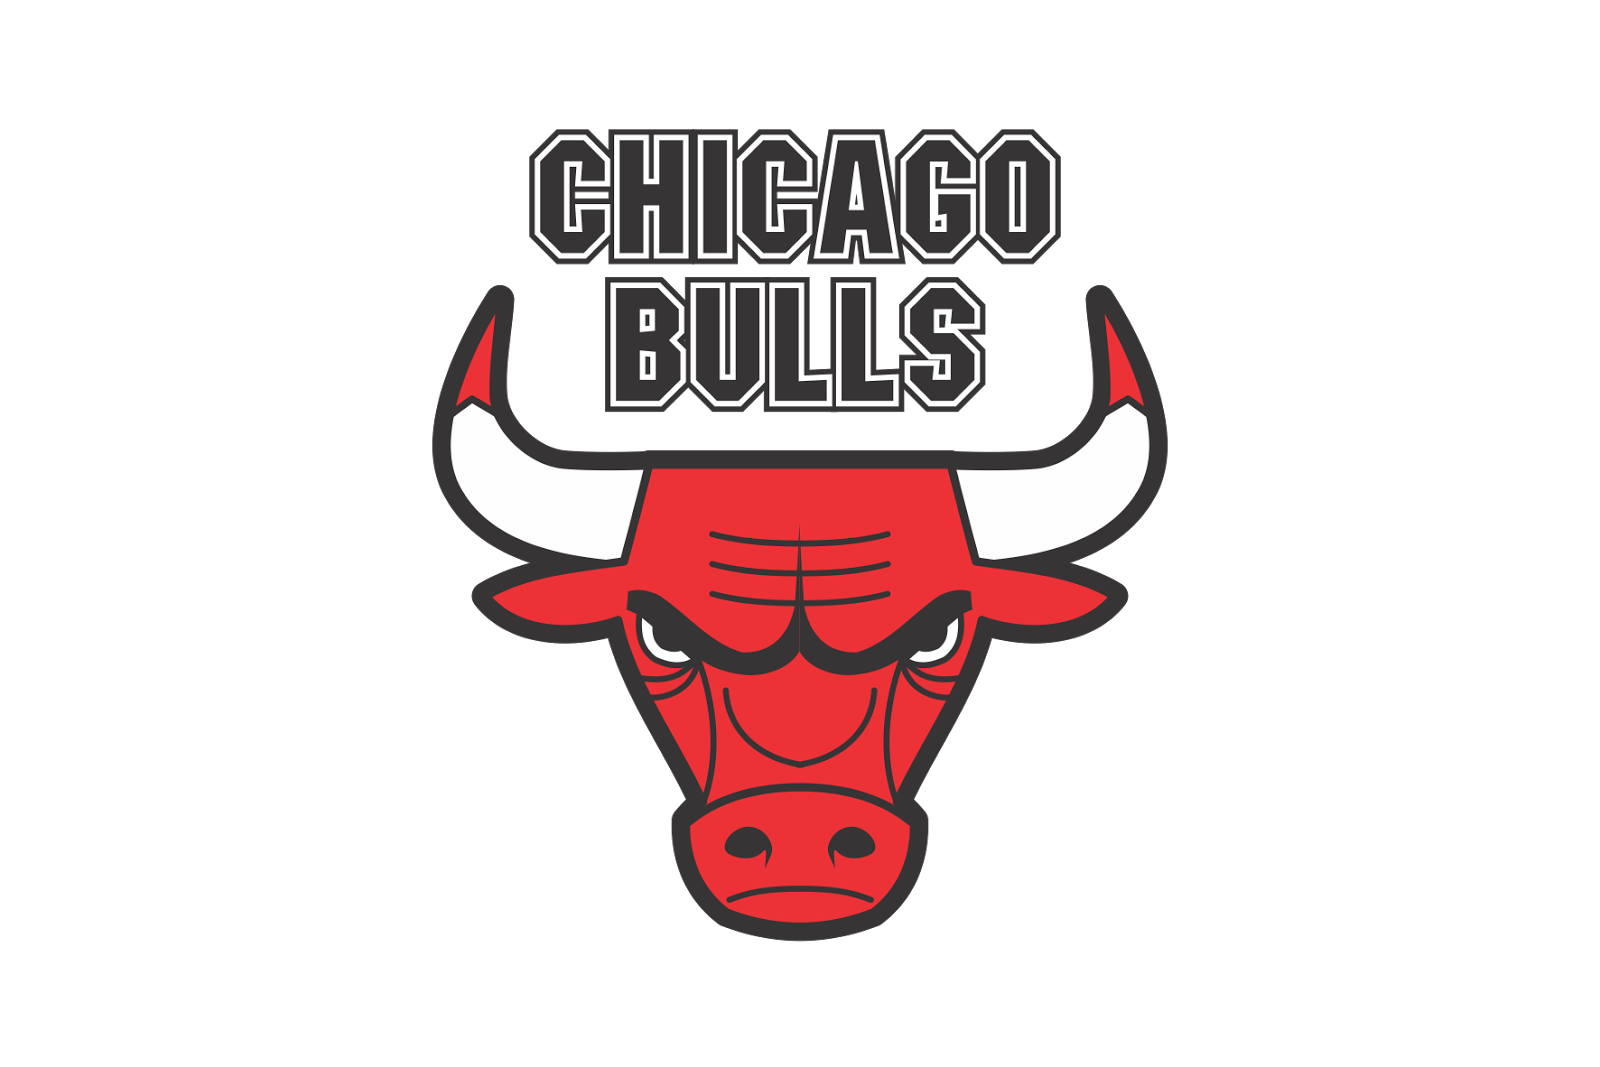 Red Bull clipart chicago bulls Transparent Free Bull clipart Bull